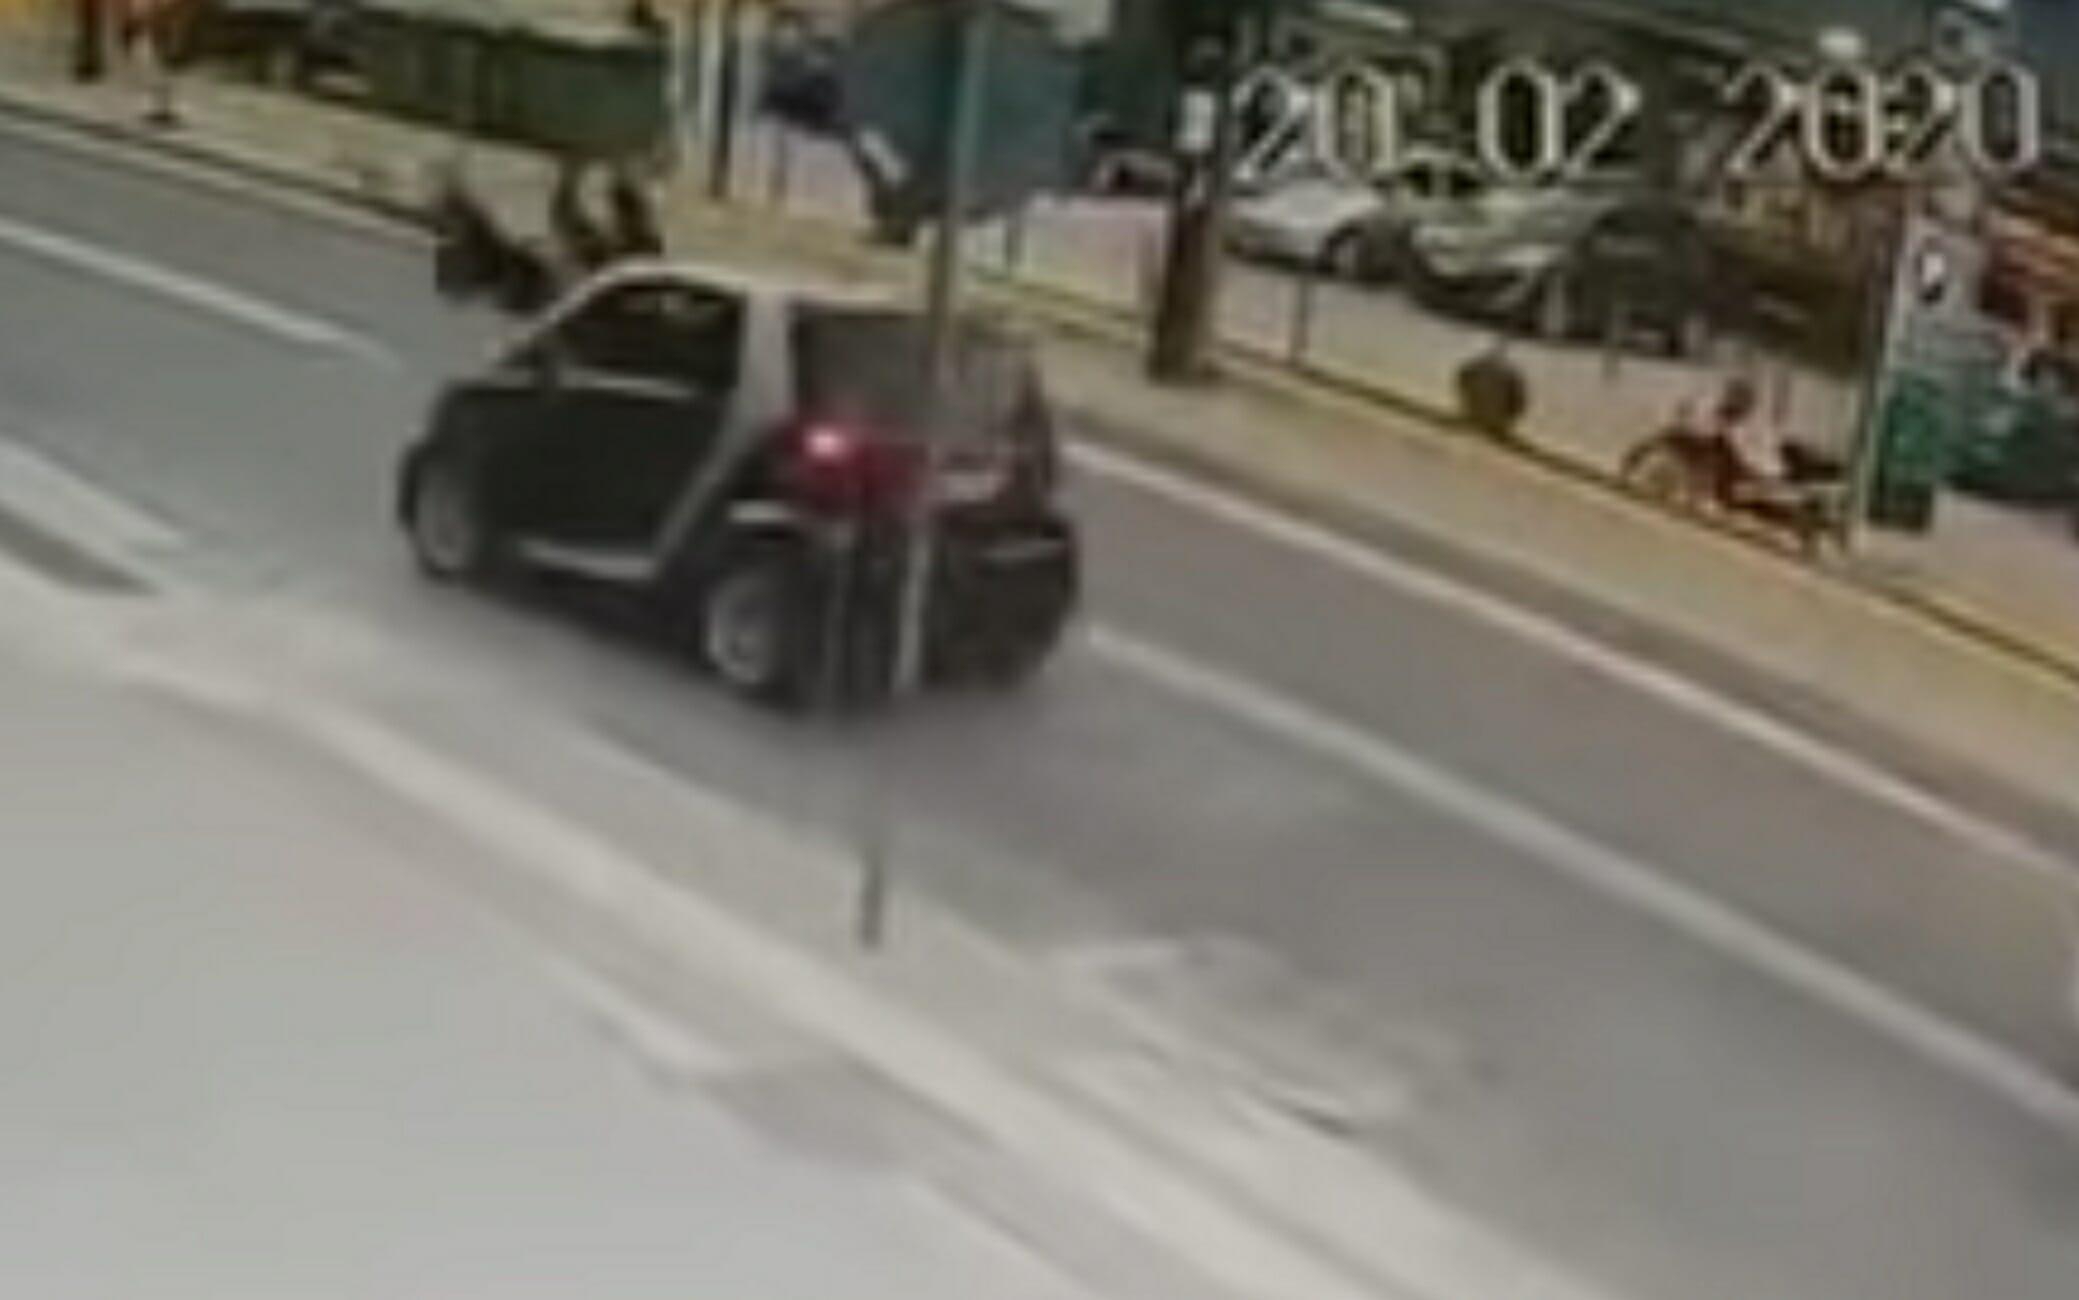 Βίντεο σοκ στο Ρέθυμνο: Η στιγμή που αυτοκίνητο χτυπάει μητέρα και παιδί μπροστά σε λεωφορείο!